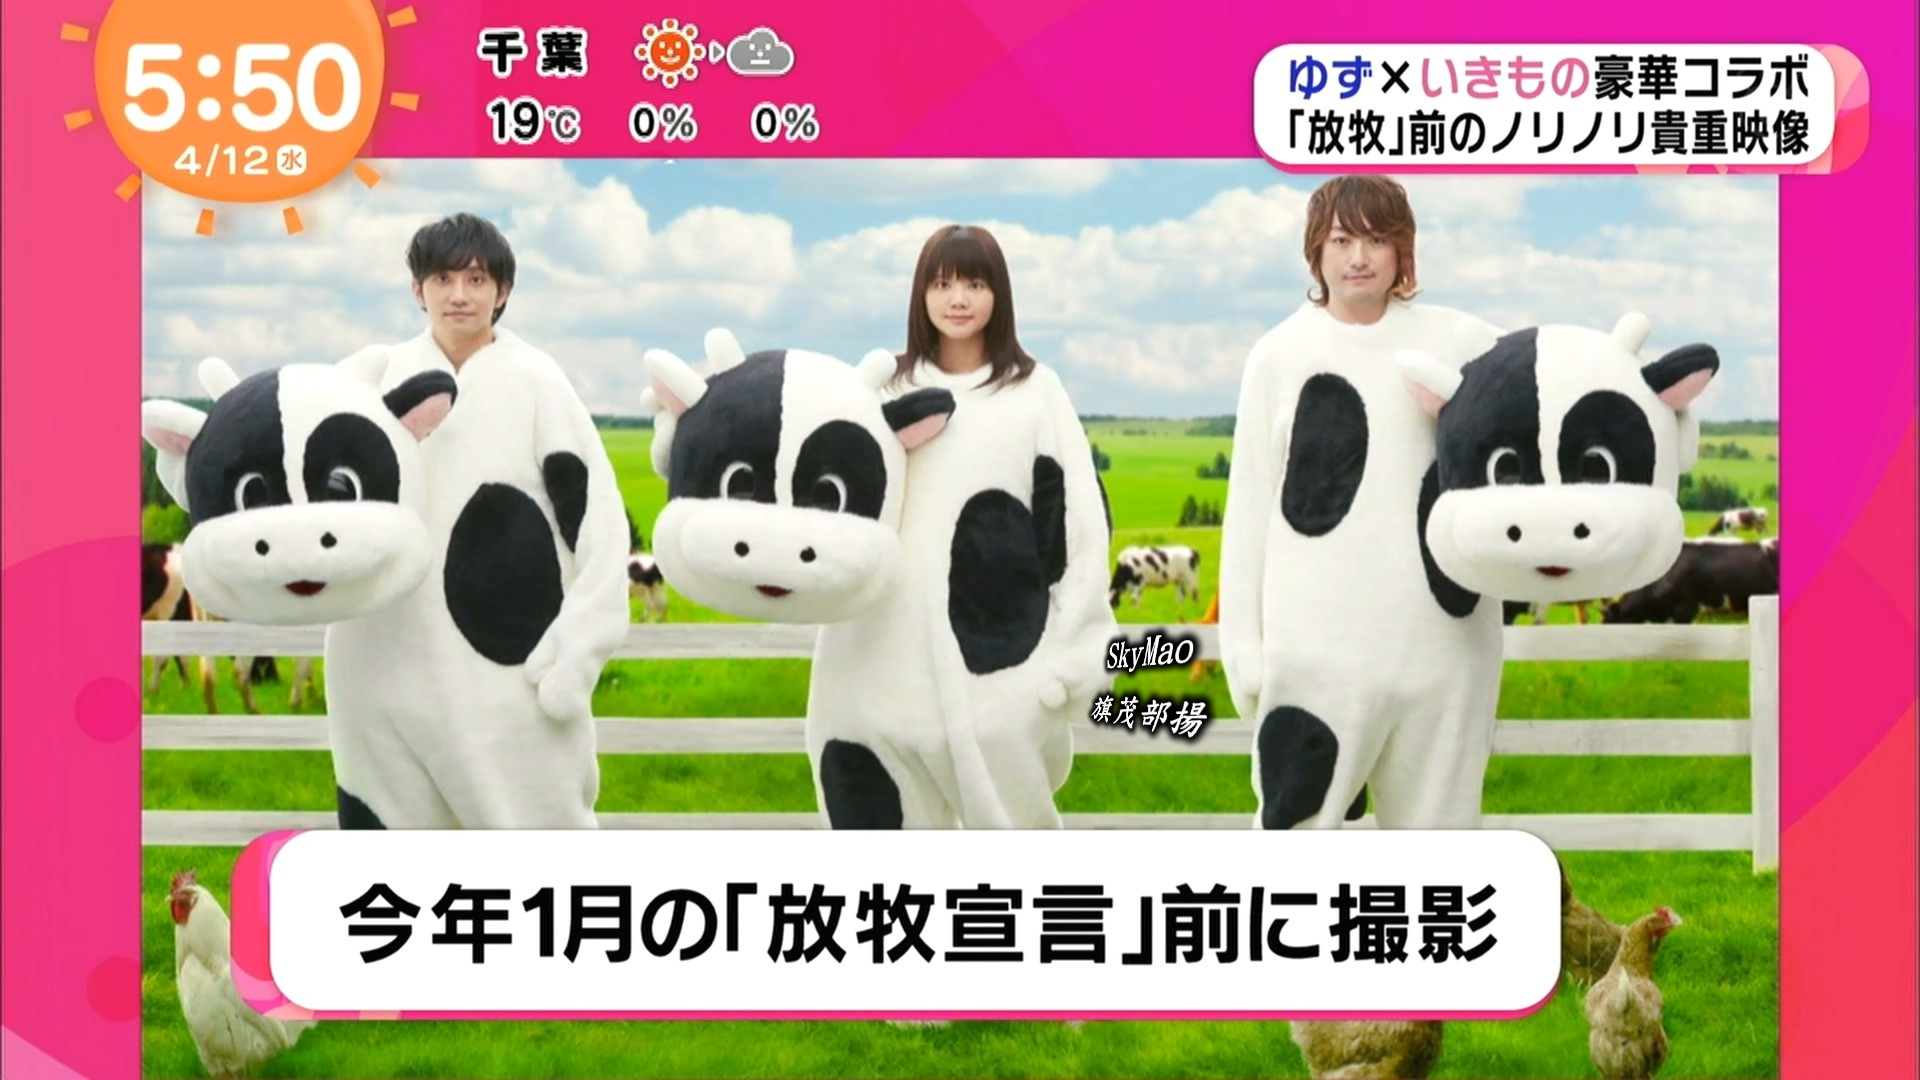 2017.04.12 ゆず×いきものがかり 楽しくコラボ!(めざましテレビ).ts_20170412_084912.144